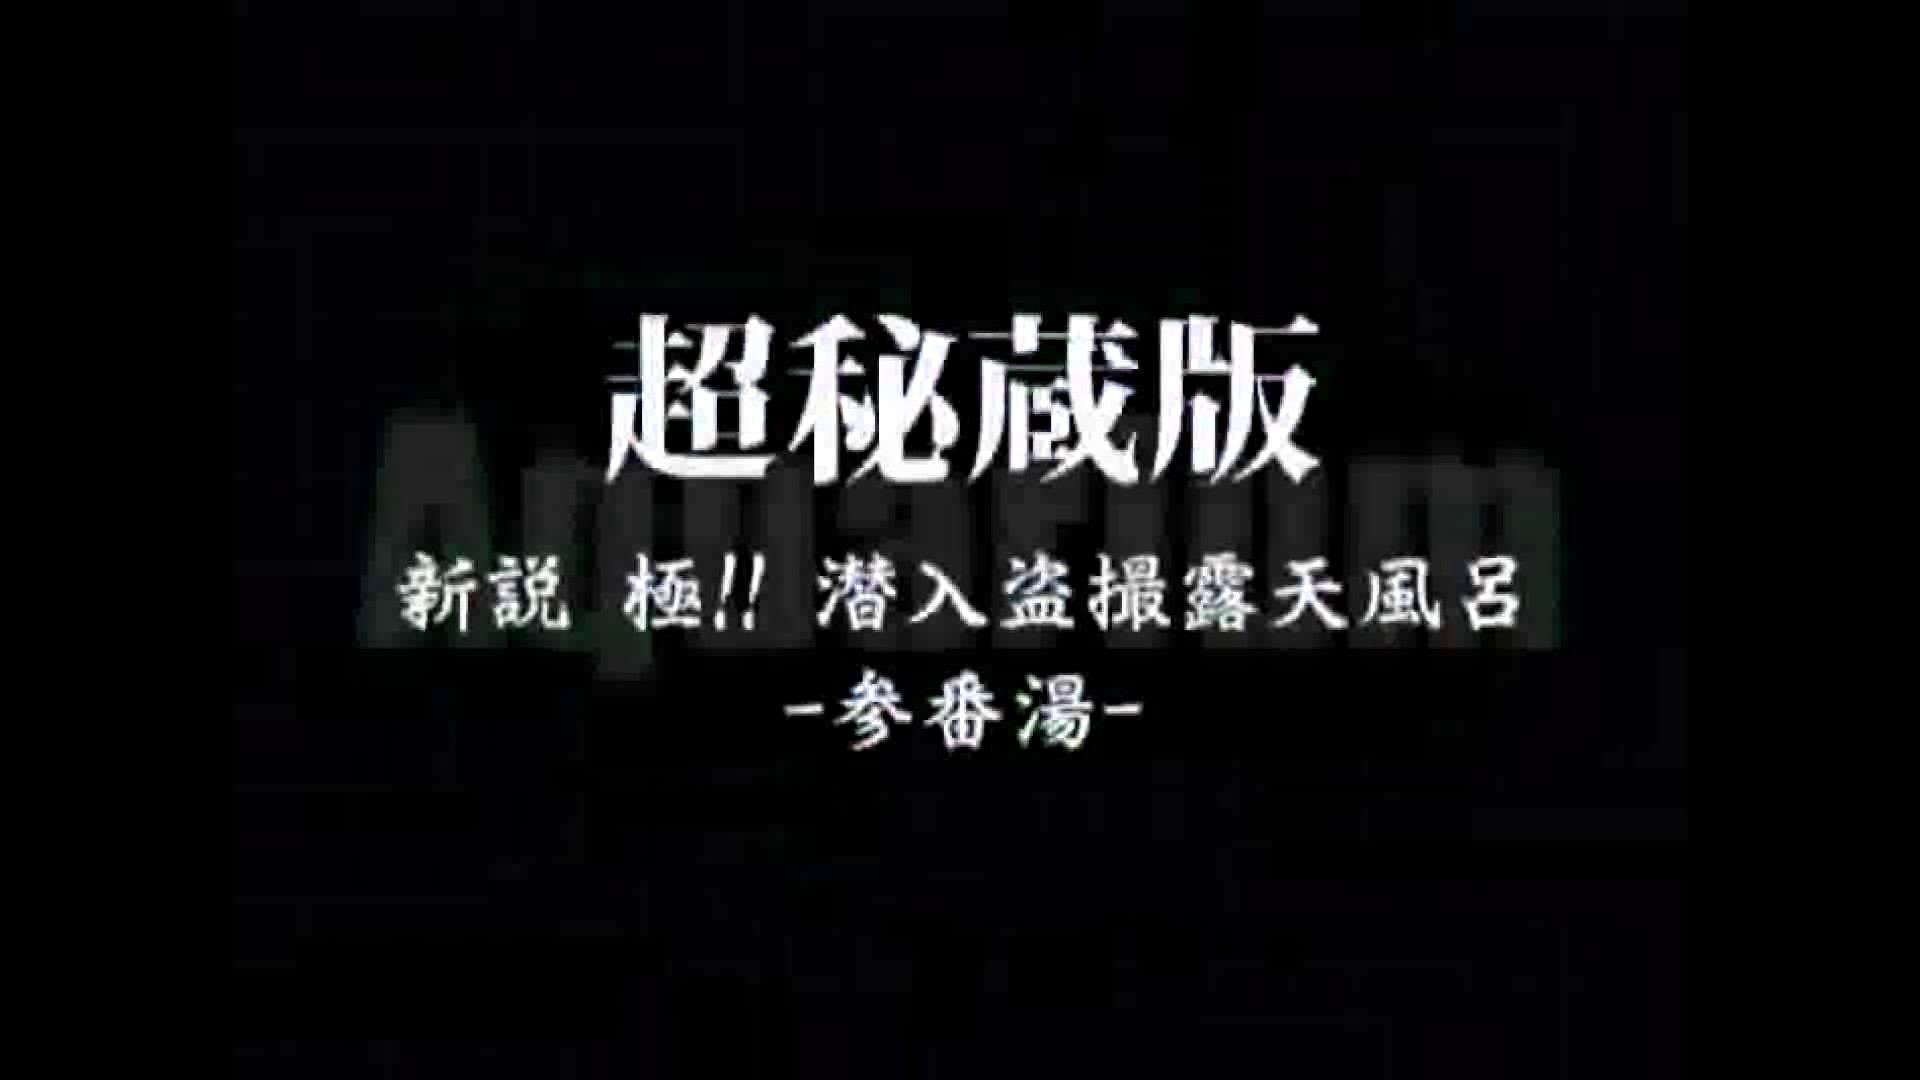 Aquaな露天風呂Vol.867潜入盗撮露天風呂参判湯 其の二 潜入 アダルト動画キャプチャ 58画像 18